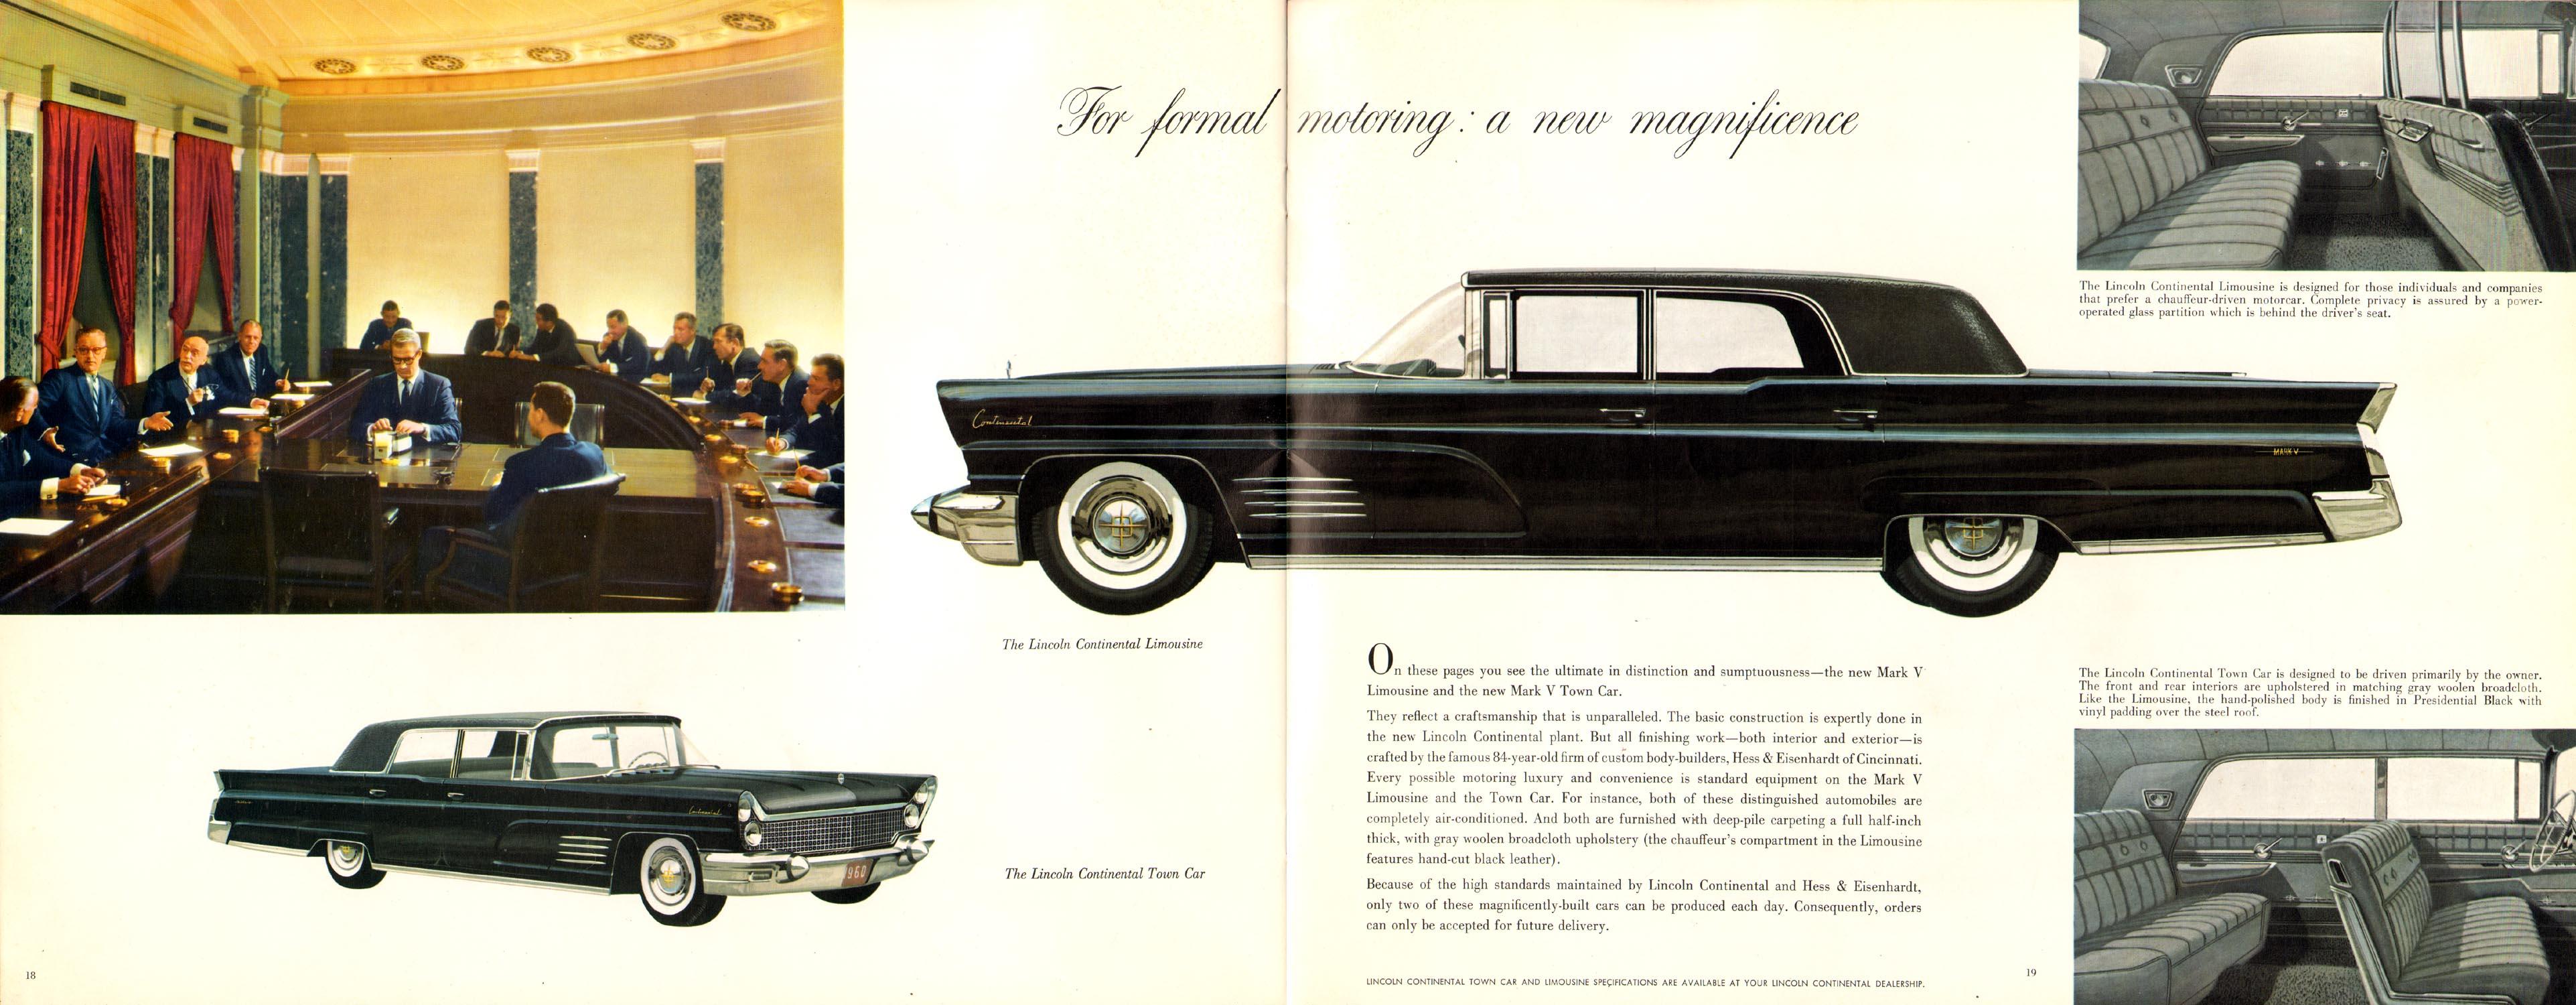 image 1960 lincoln continental prestige 1960 lincoln continental prestige 20 21. Black Bedroom Furniture Sets. Home Design Ideas